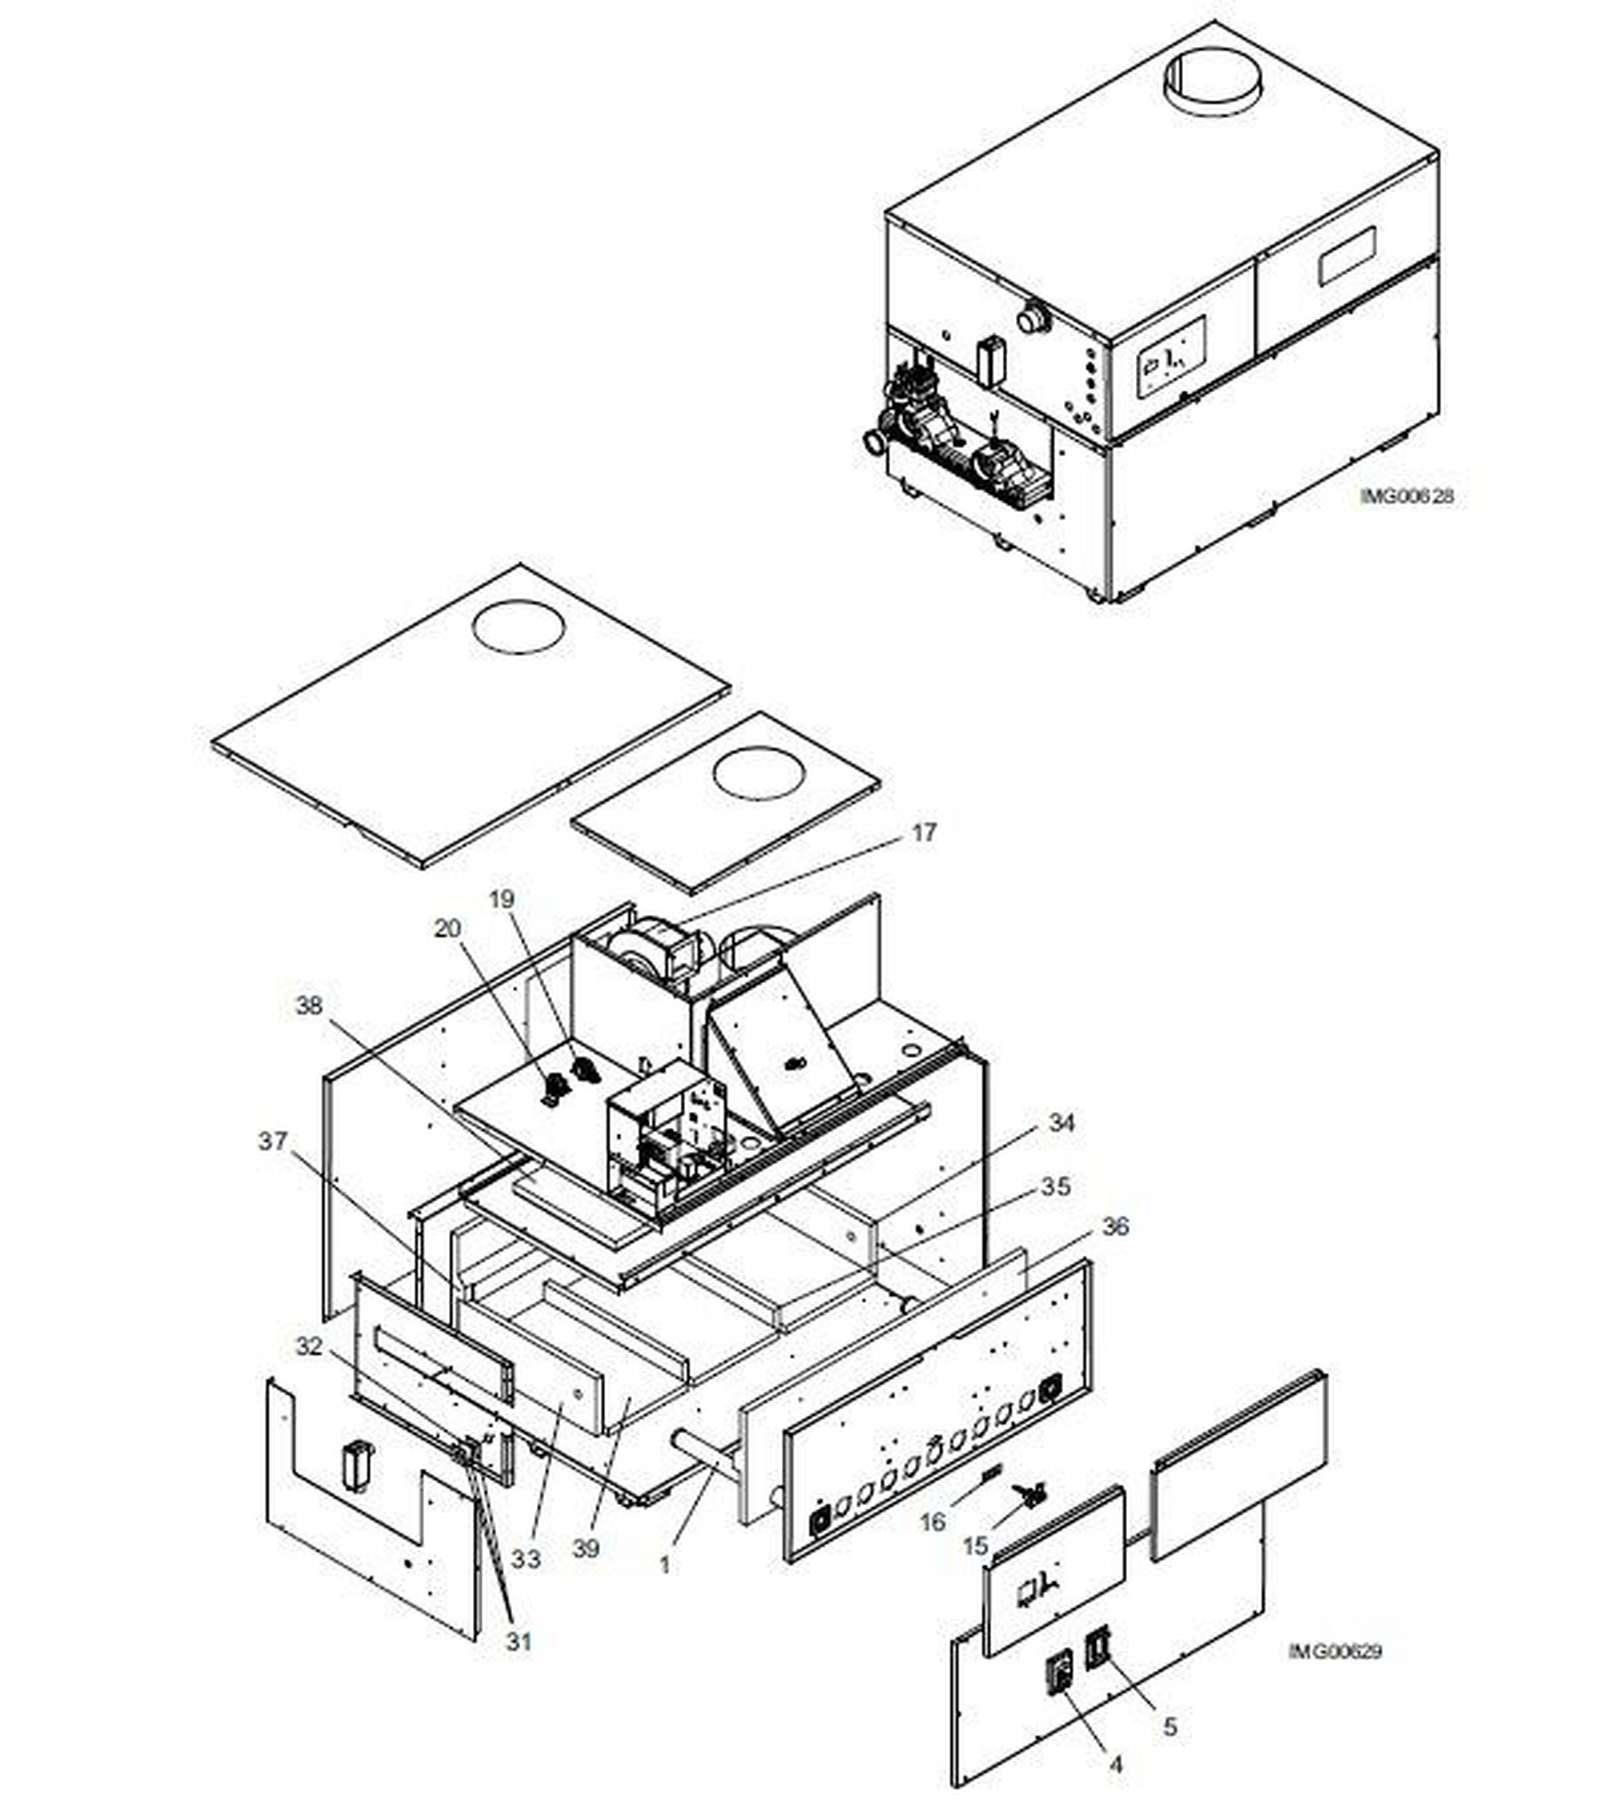 Mobile Home Nordyne Furnace Wiring Diagram Coleman Ga